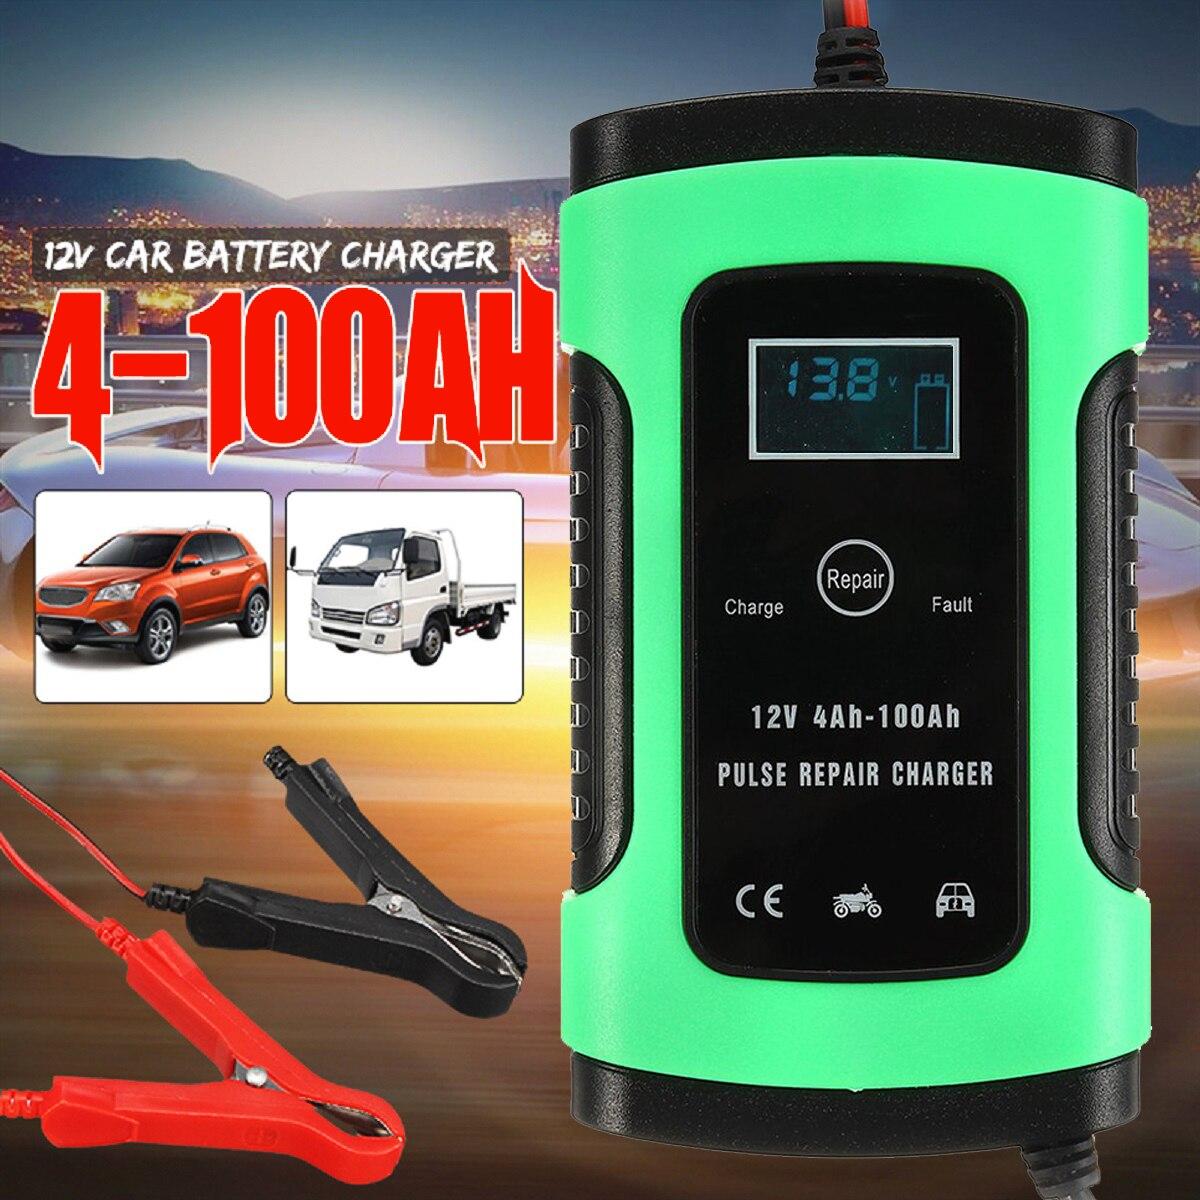 12V 5A Авто интеллигентая(ый) Батарея Зарядное устройство скачок стартер ЖК-дисплей интеллигентая(ый) 100-240V 100AH импульсный ремонт Тип